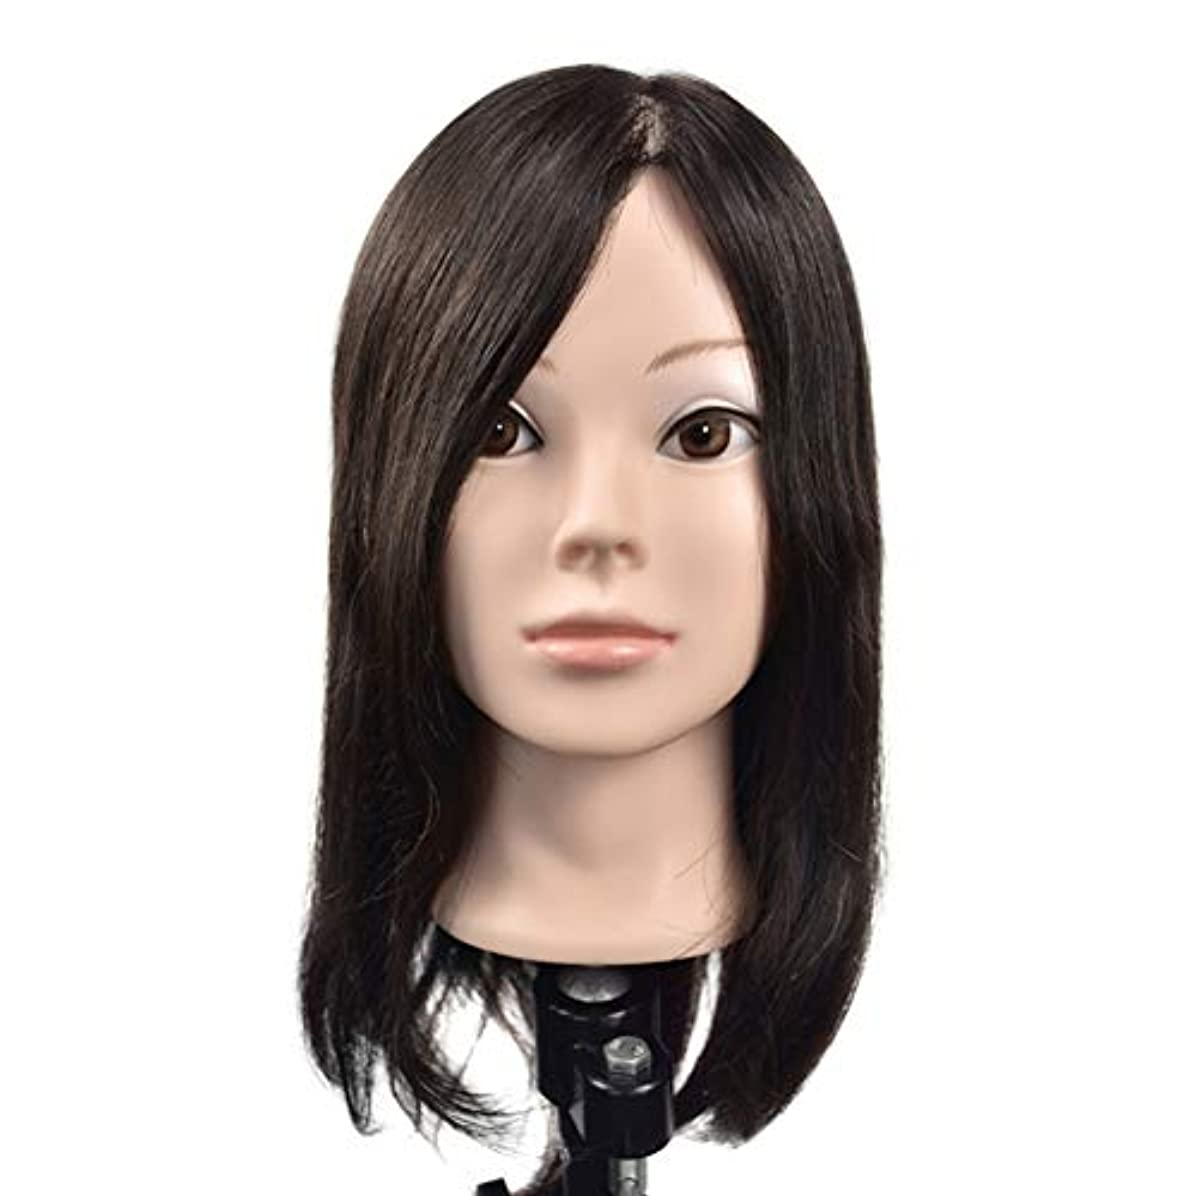 大胆ホームレスいっぱいリアルヘアースタイリングモデルヘッド女性モデル頭ティーチングヘッド理髪店編組髪染め学習ダミーヘッド